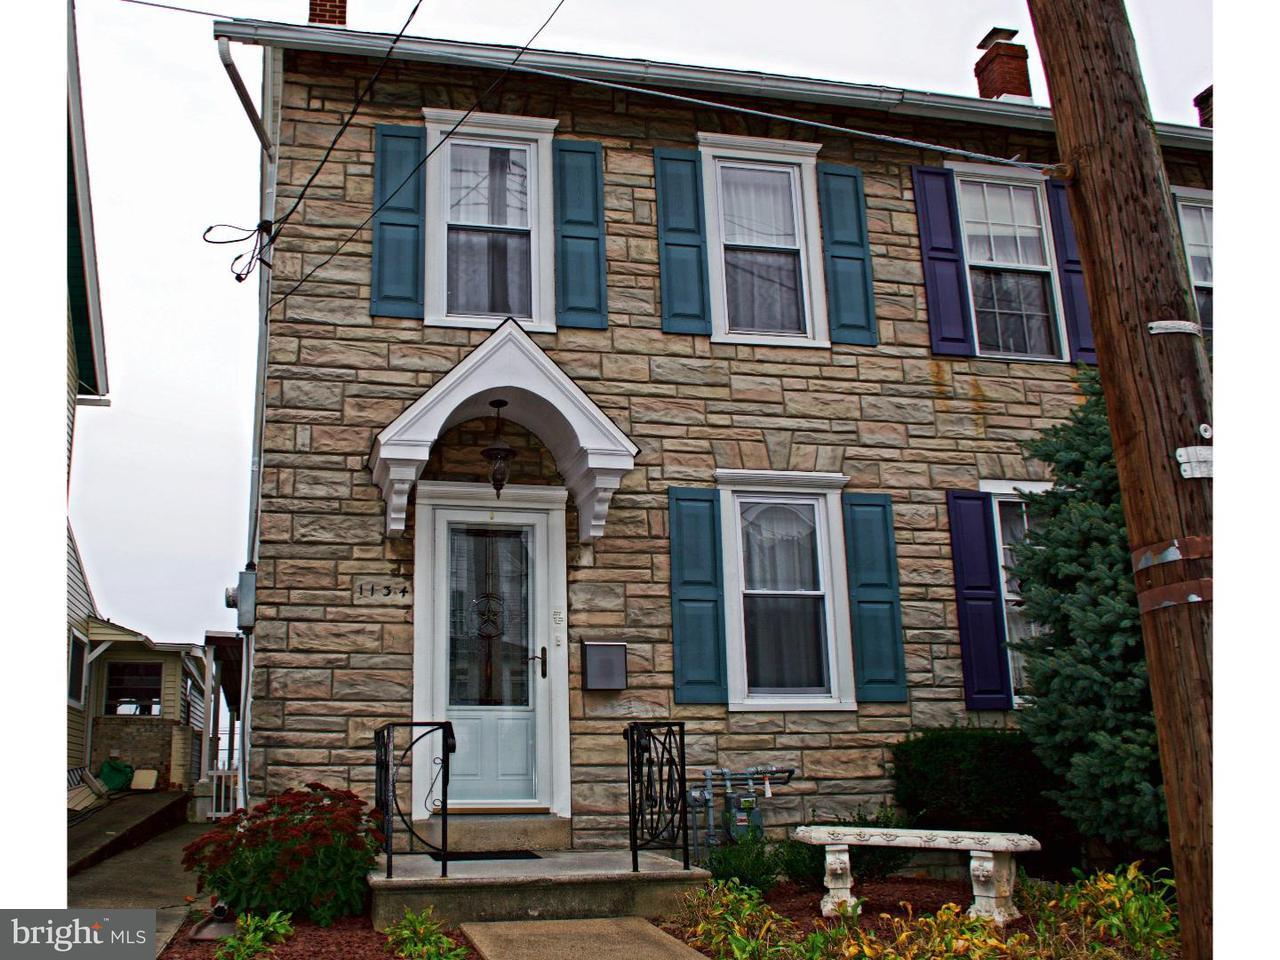 Таунхаус для того Продажа на 1134 3RD Street Catasauqua, Пенсильвания 18032 Соединенные Штаты